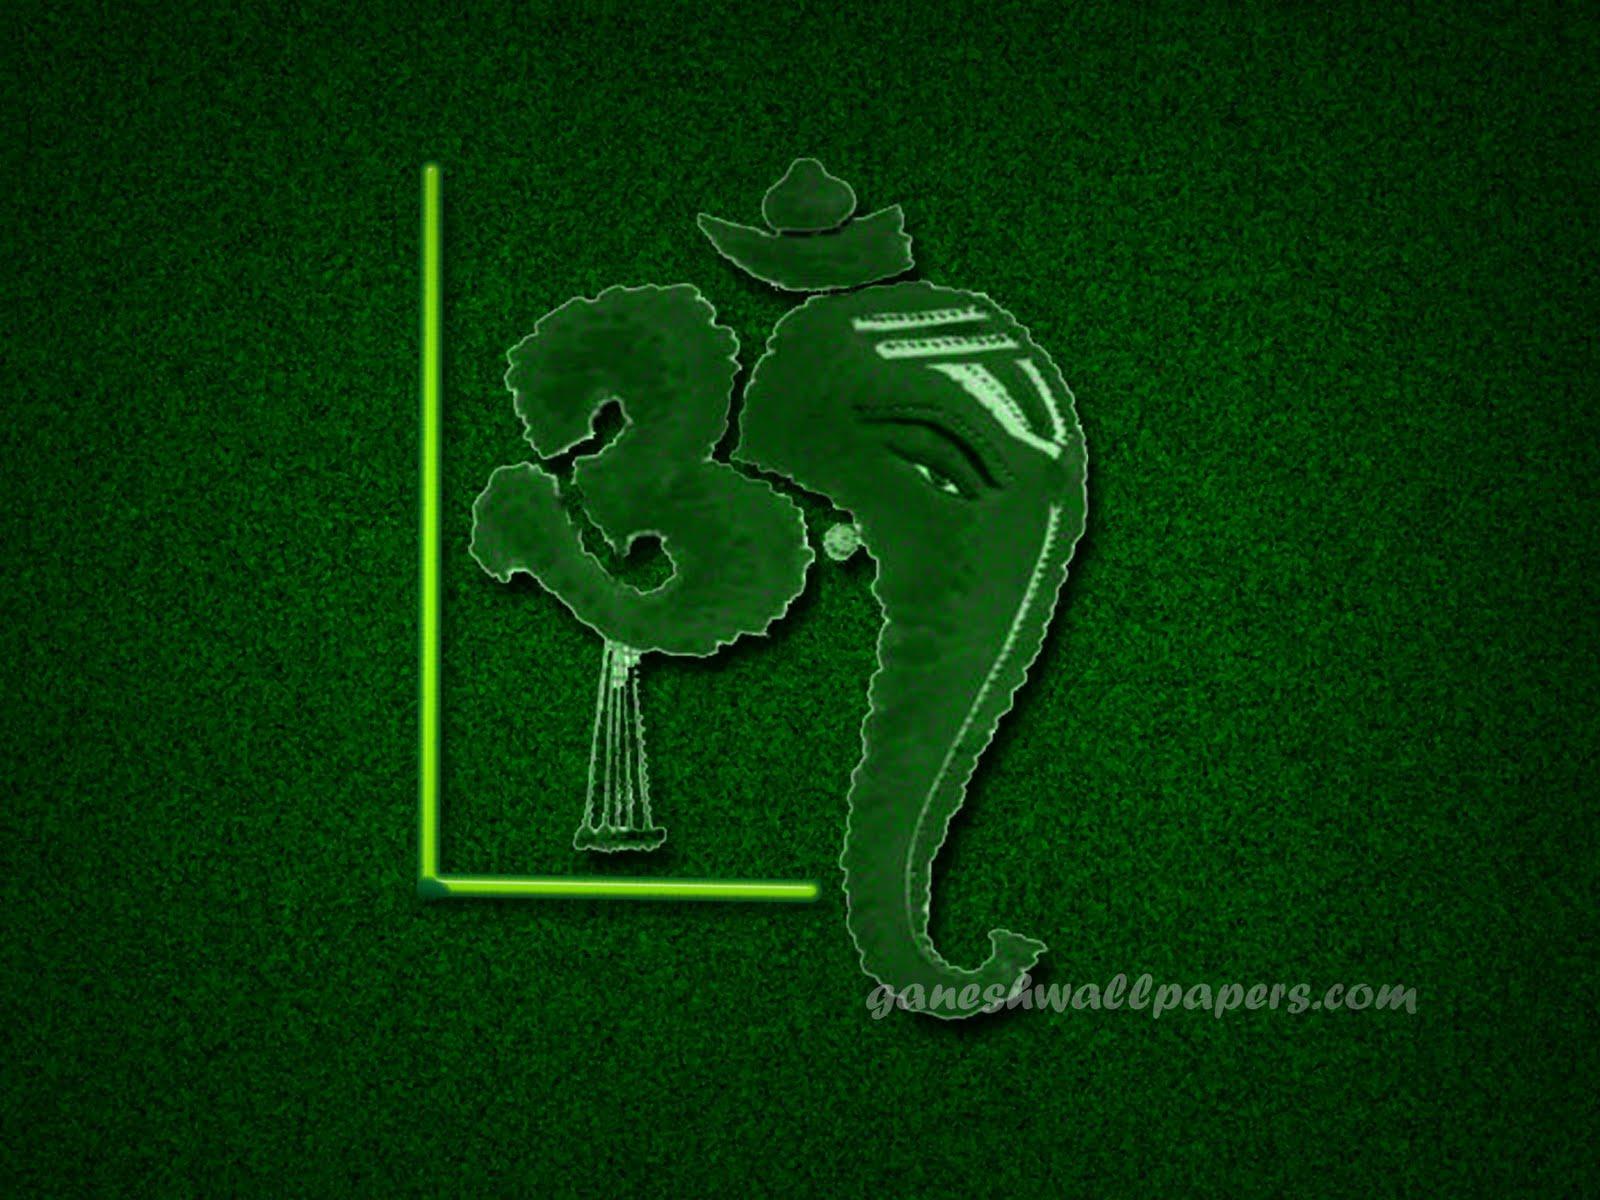 http://2.bp.blogspot.com/_tHf3K5H9rpw/TGAPOkBVeaI/AAAAAAAAAzU/ReERBVBuVM0/s1600/om-ganesh-wallpaper.jpg